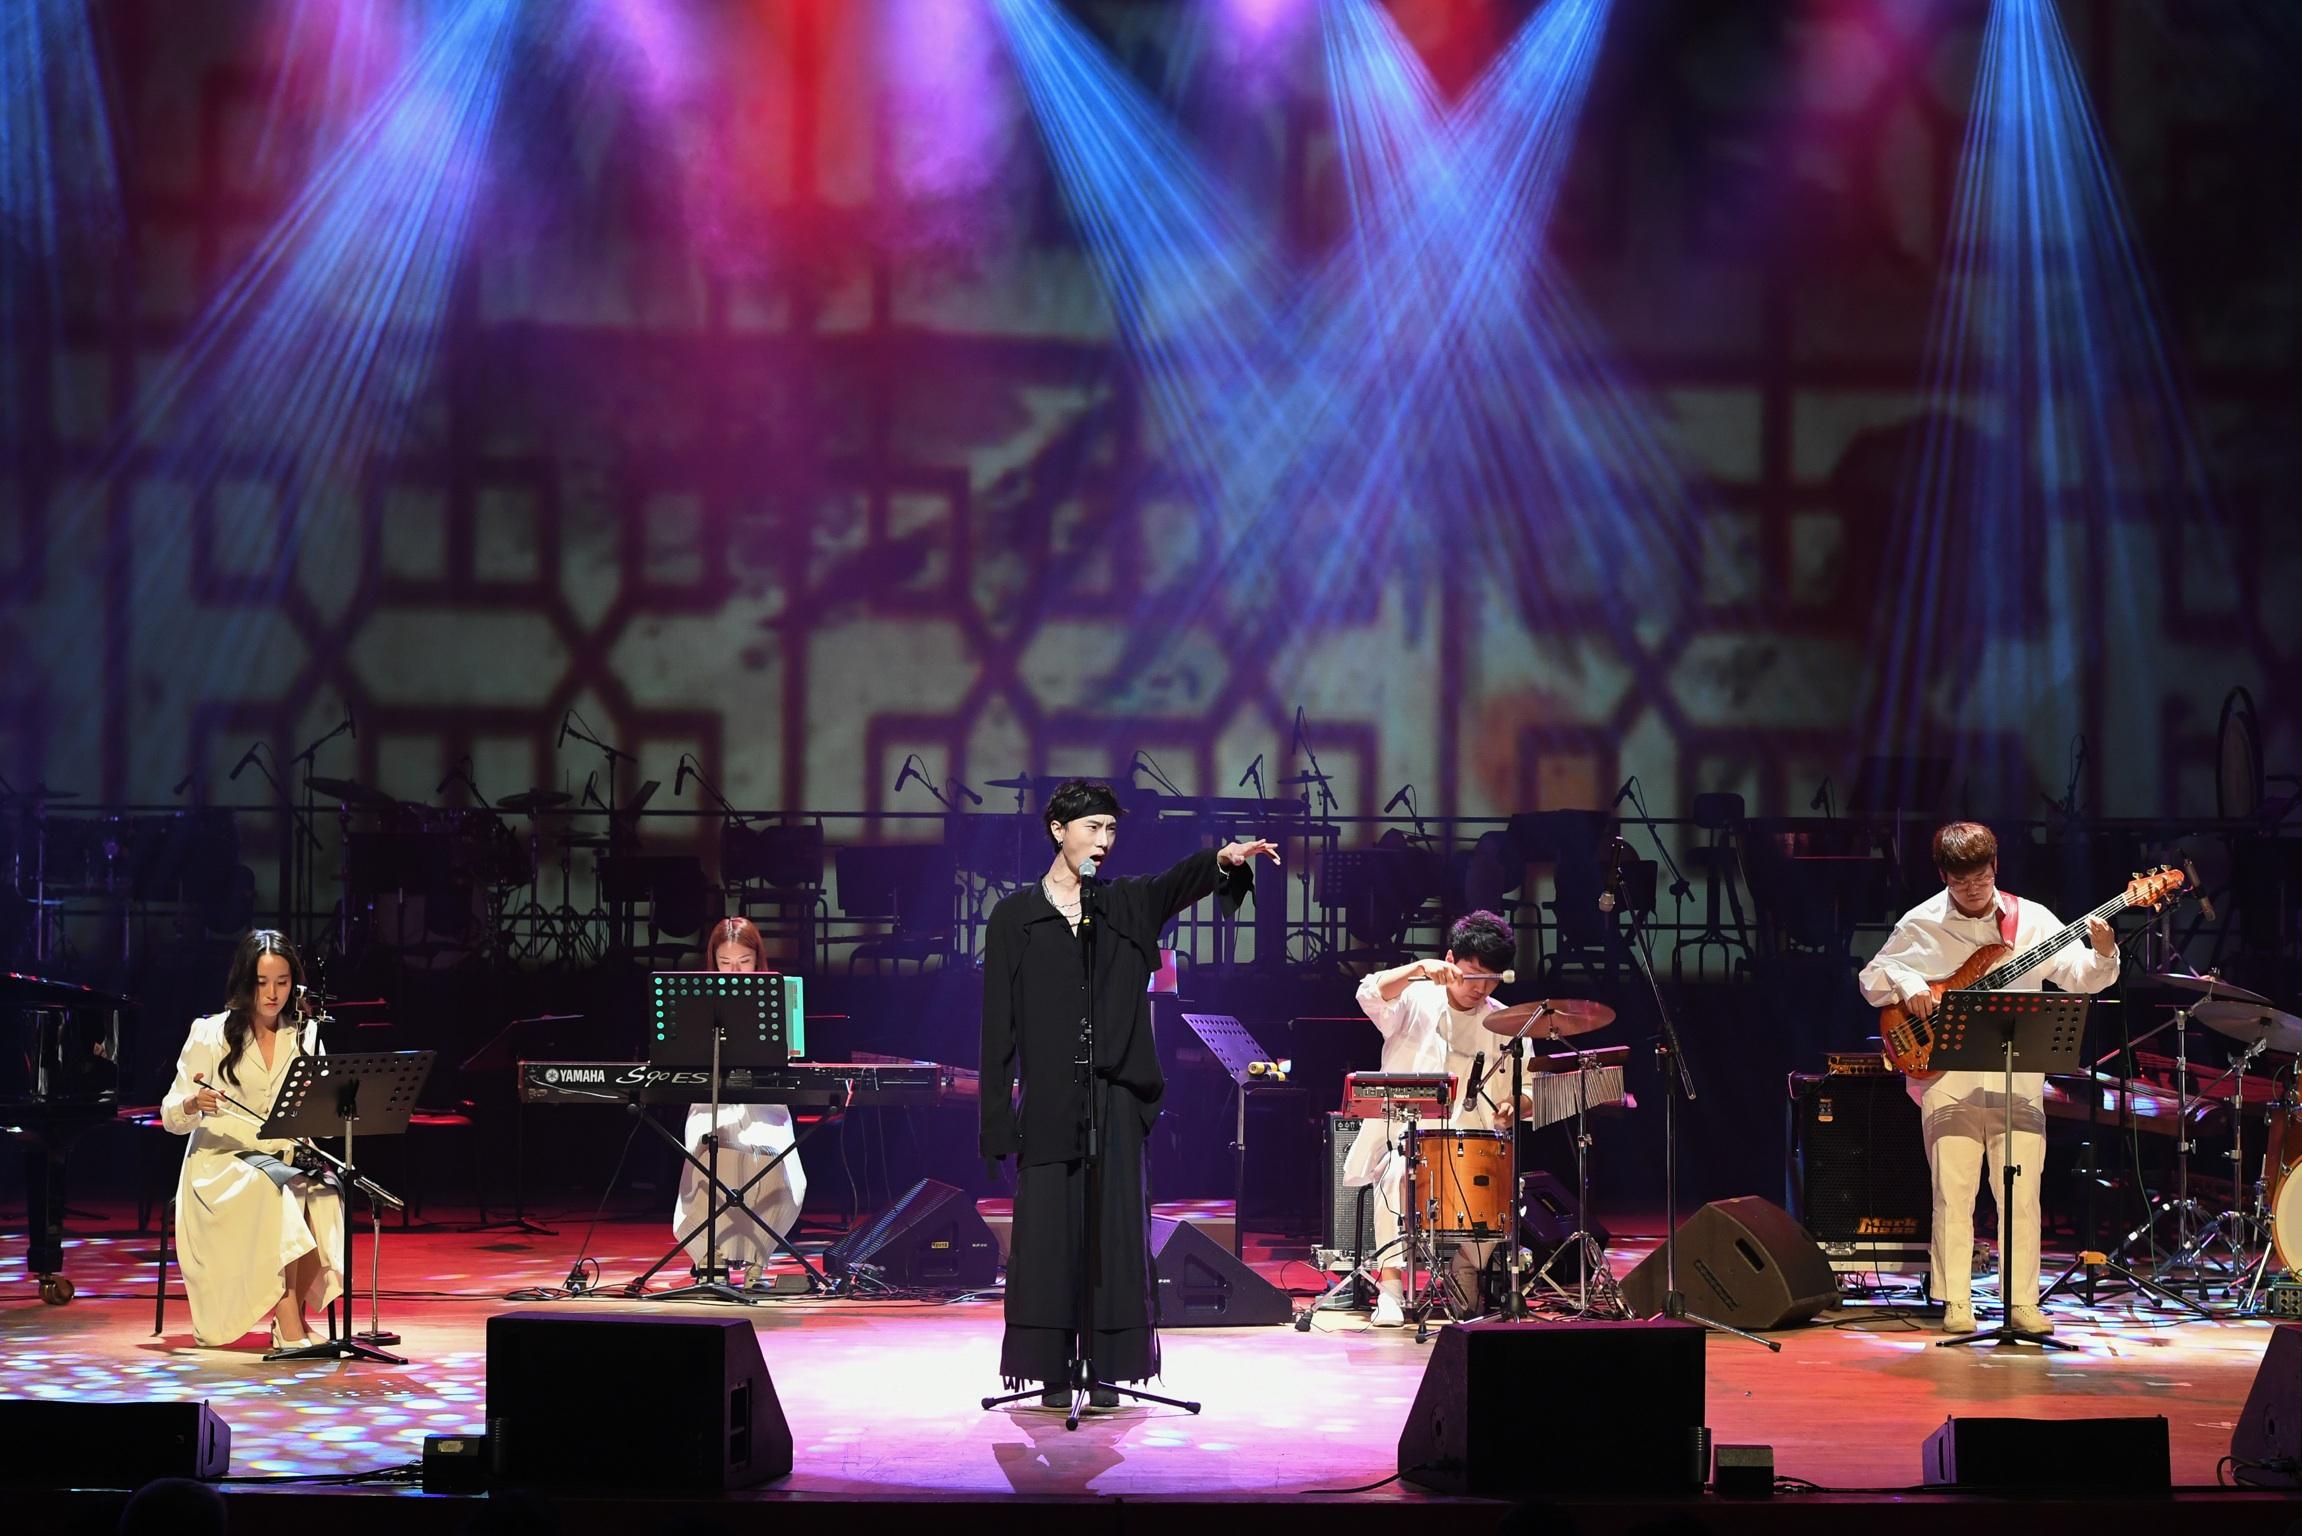 백운아트홀에서 열린 제11회 대한민국 대학국악제에서 대상을 수상한 '서도밴드'가 열정적인 무대를 선보이고 있다.